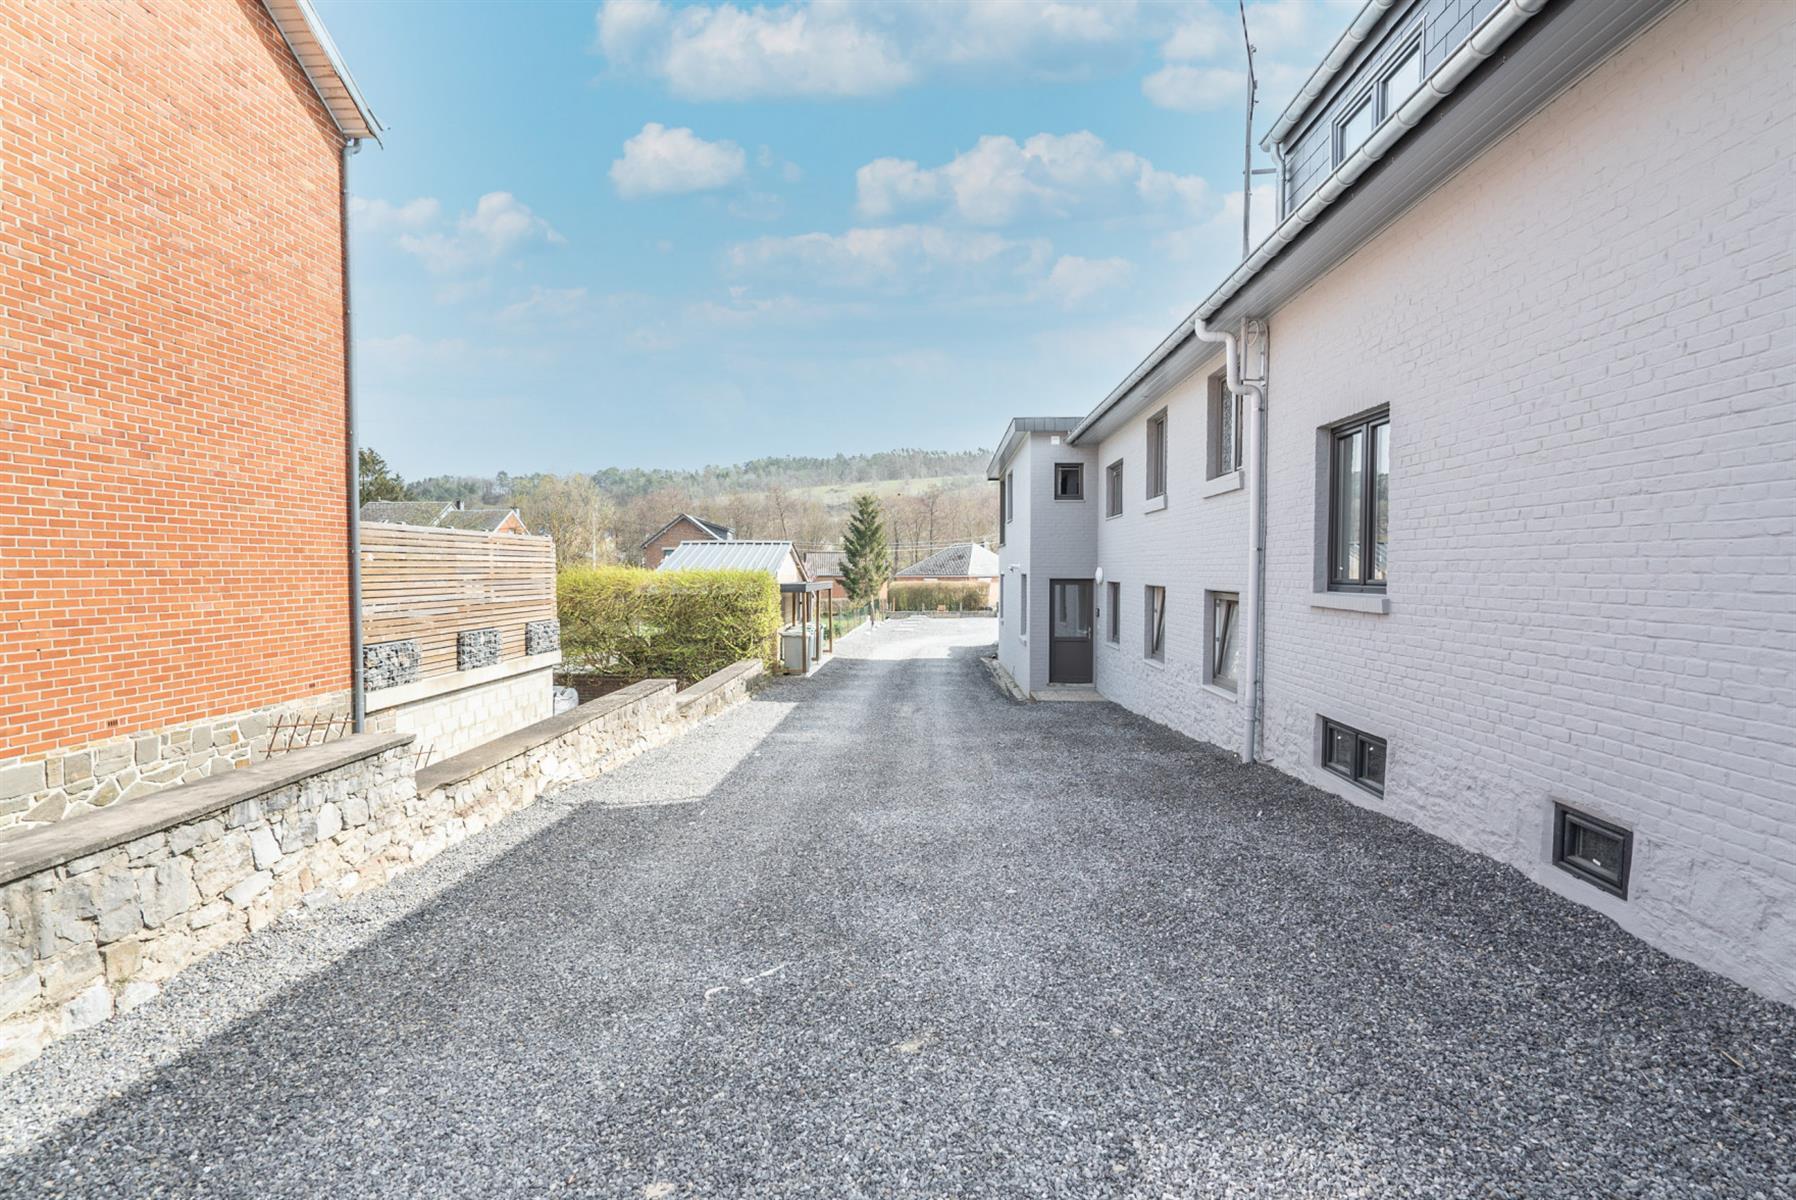 Duplex - Barvaux-sur-Ourthe - #4512637-28